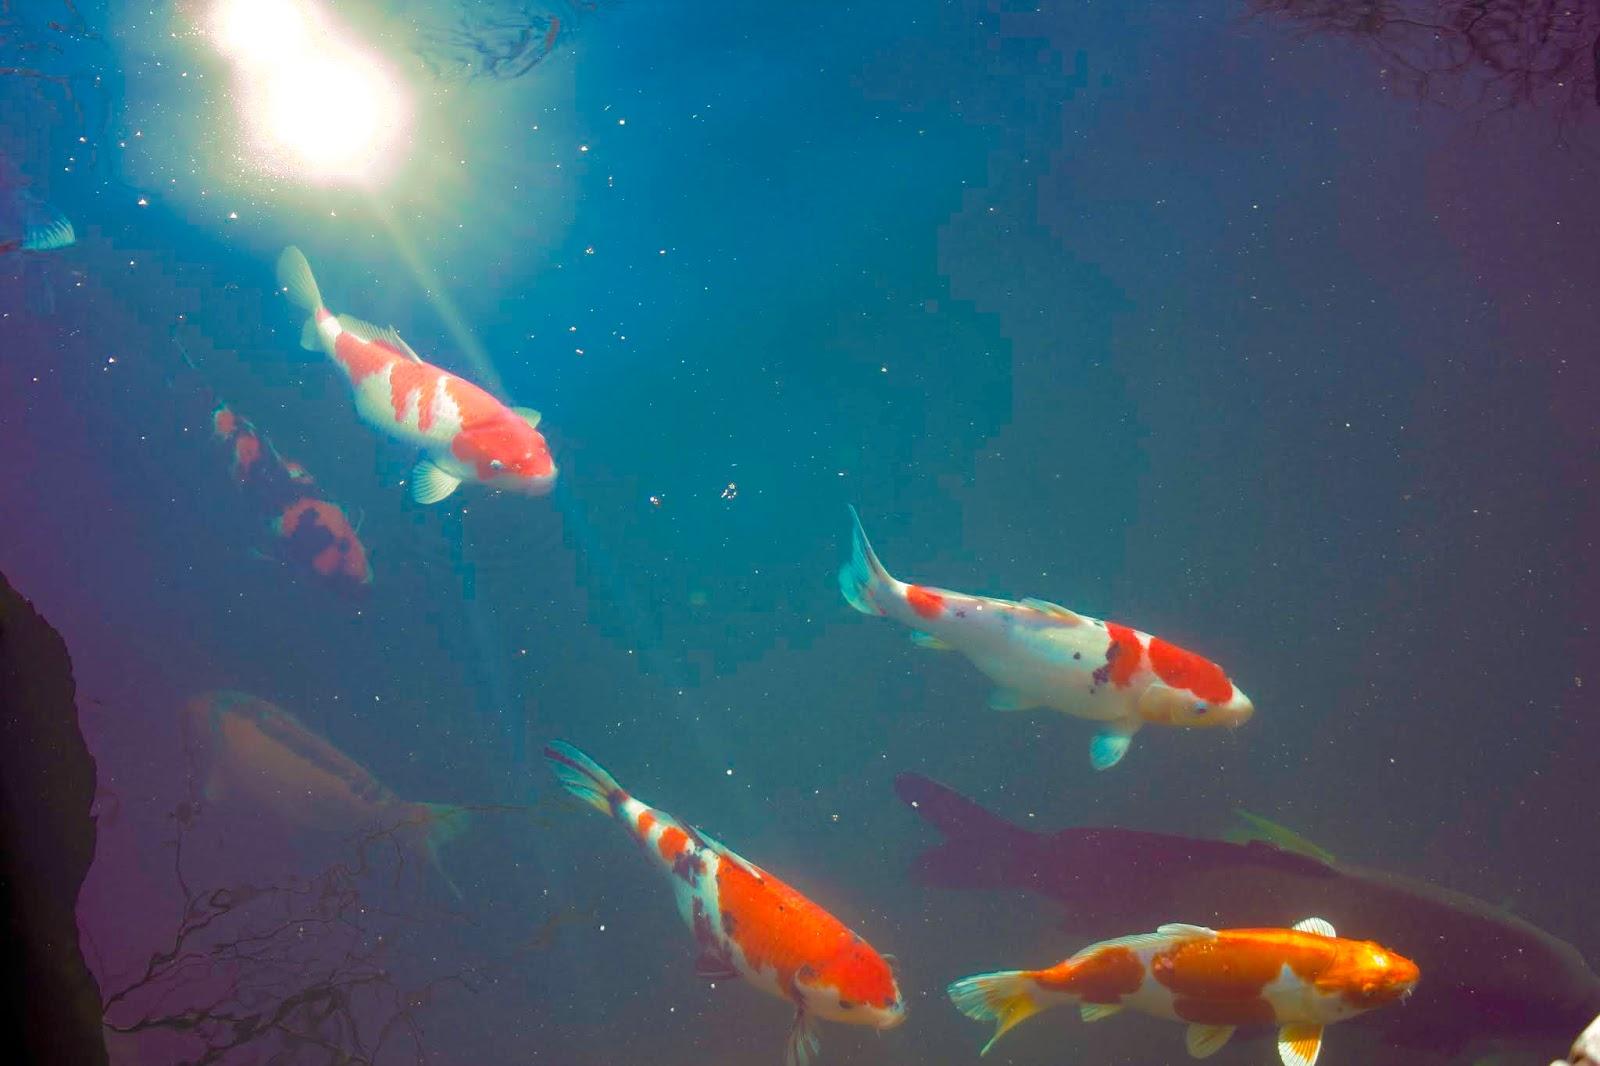 Carpas coloridas a nadar com o reflexo do sol ilustra este post sobre o Shijing, o Livro das Canções.